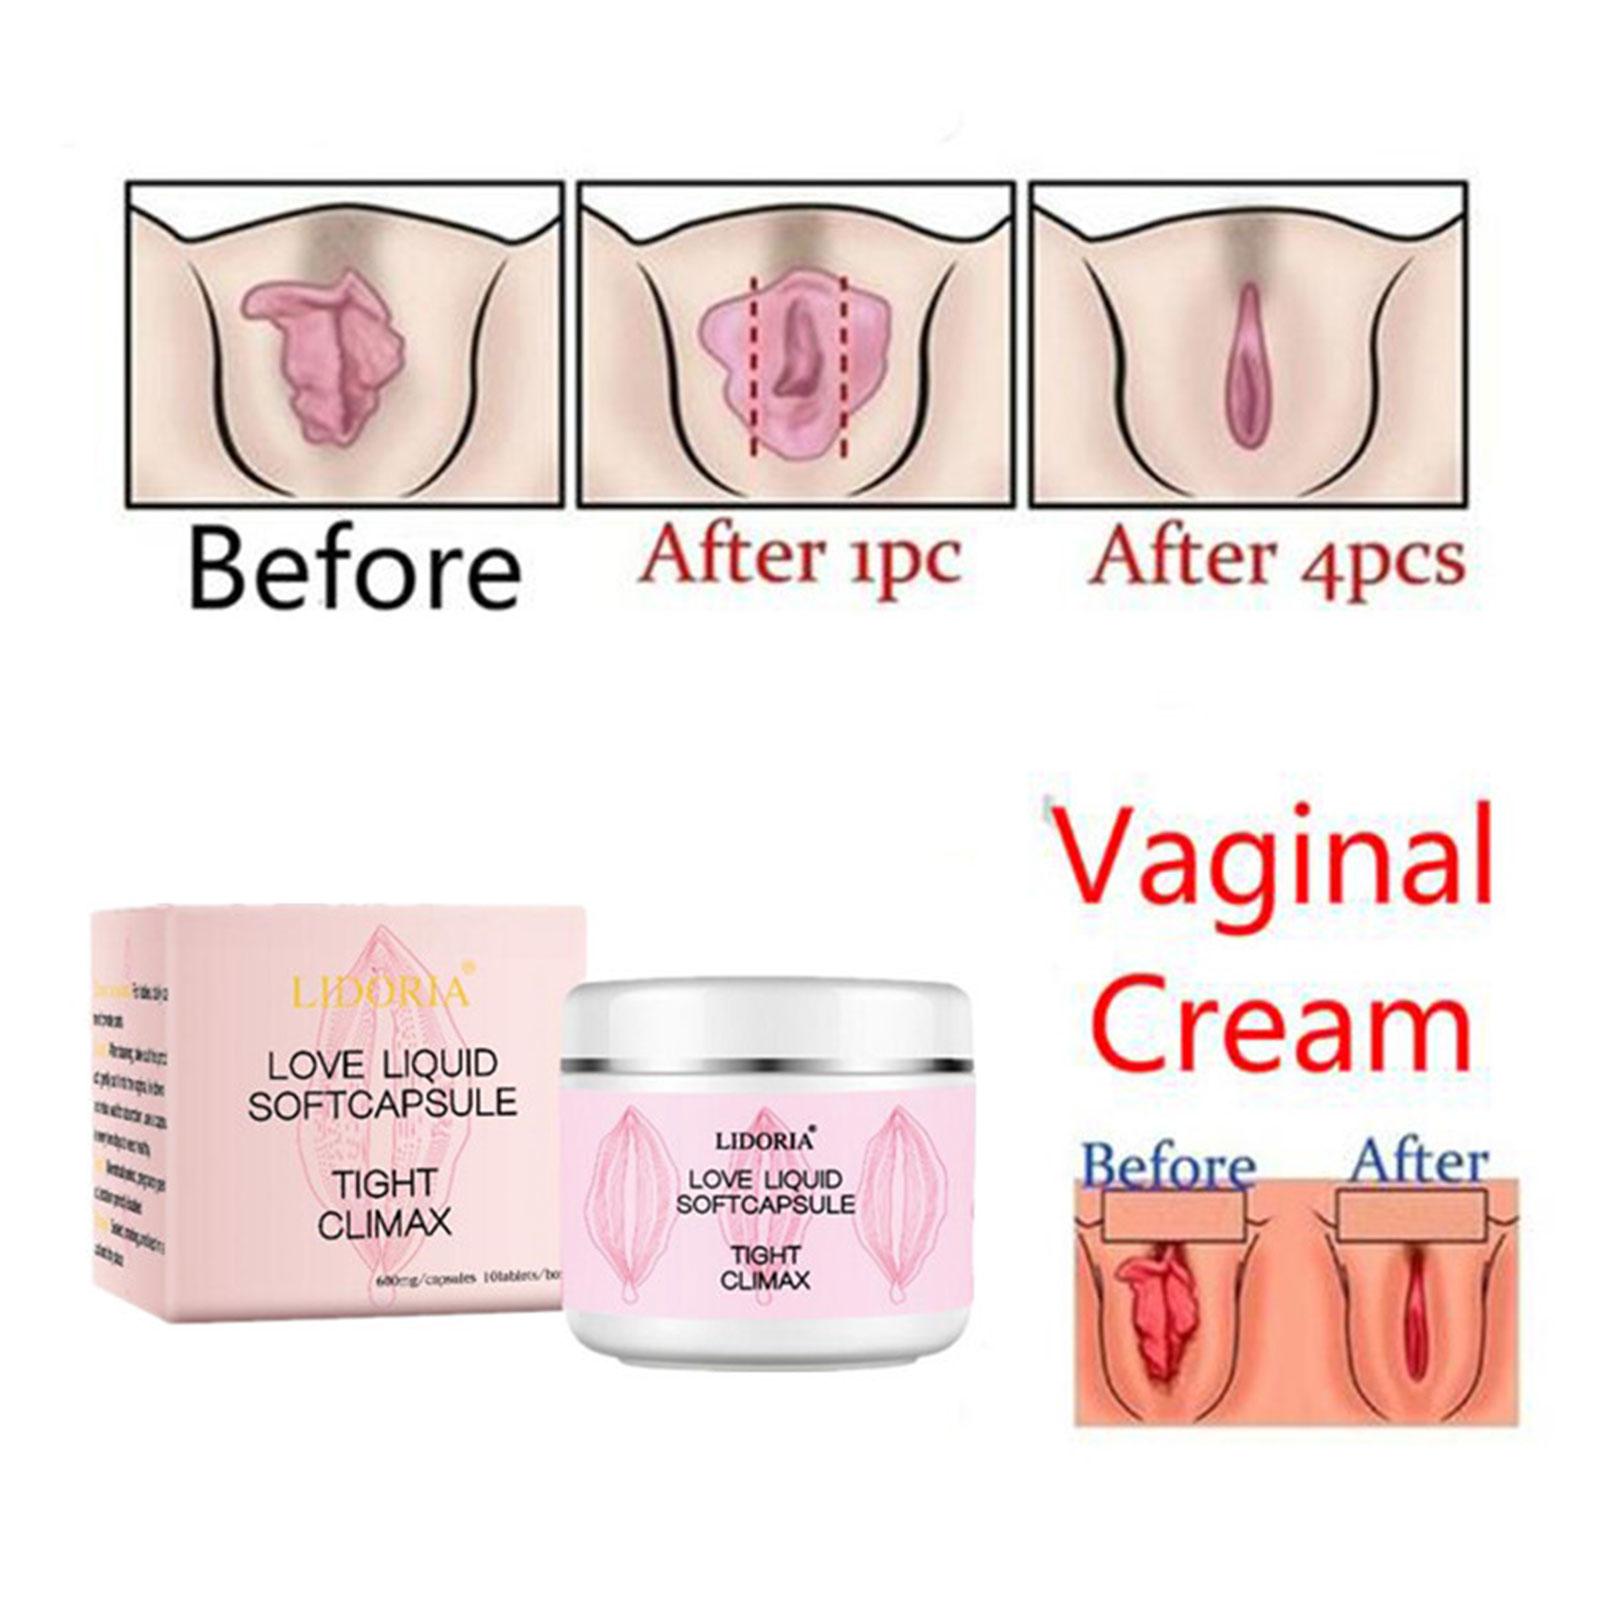 10 капсул, вагинальная подтяжка, личный уход, сужение влагалища, Женская гигиена, восстанавливающая палочка для узкого подтягивания влагалища